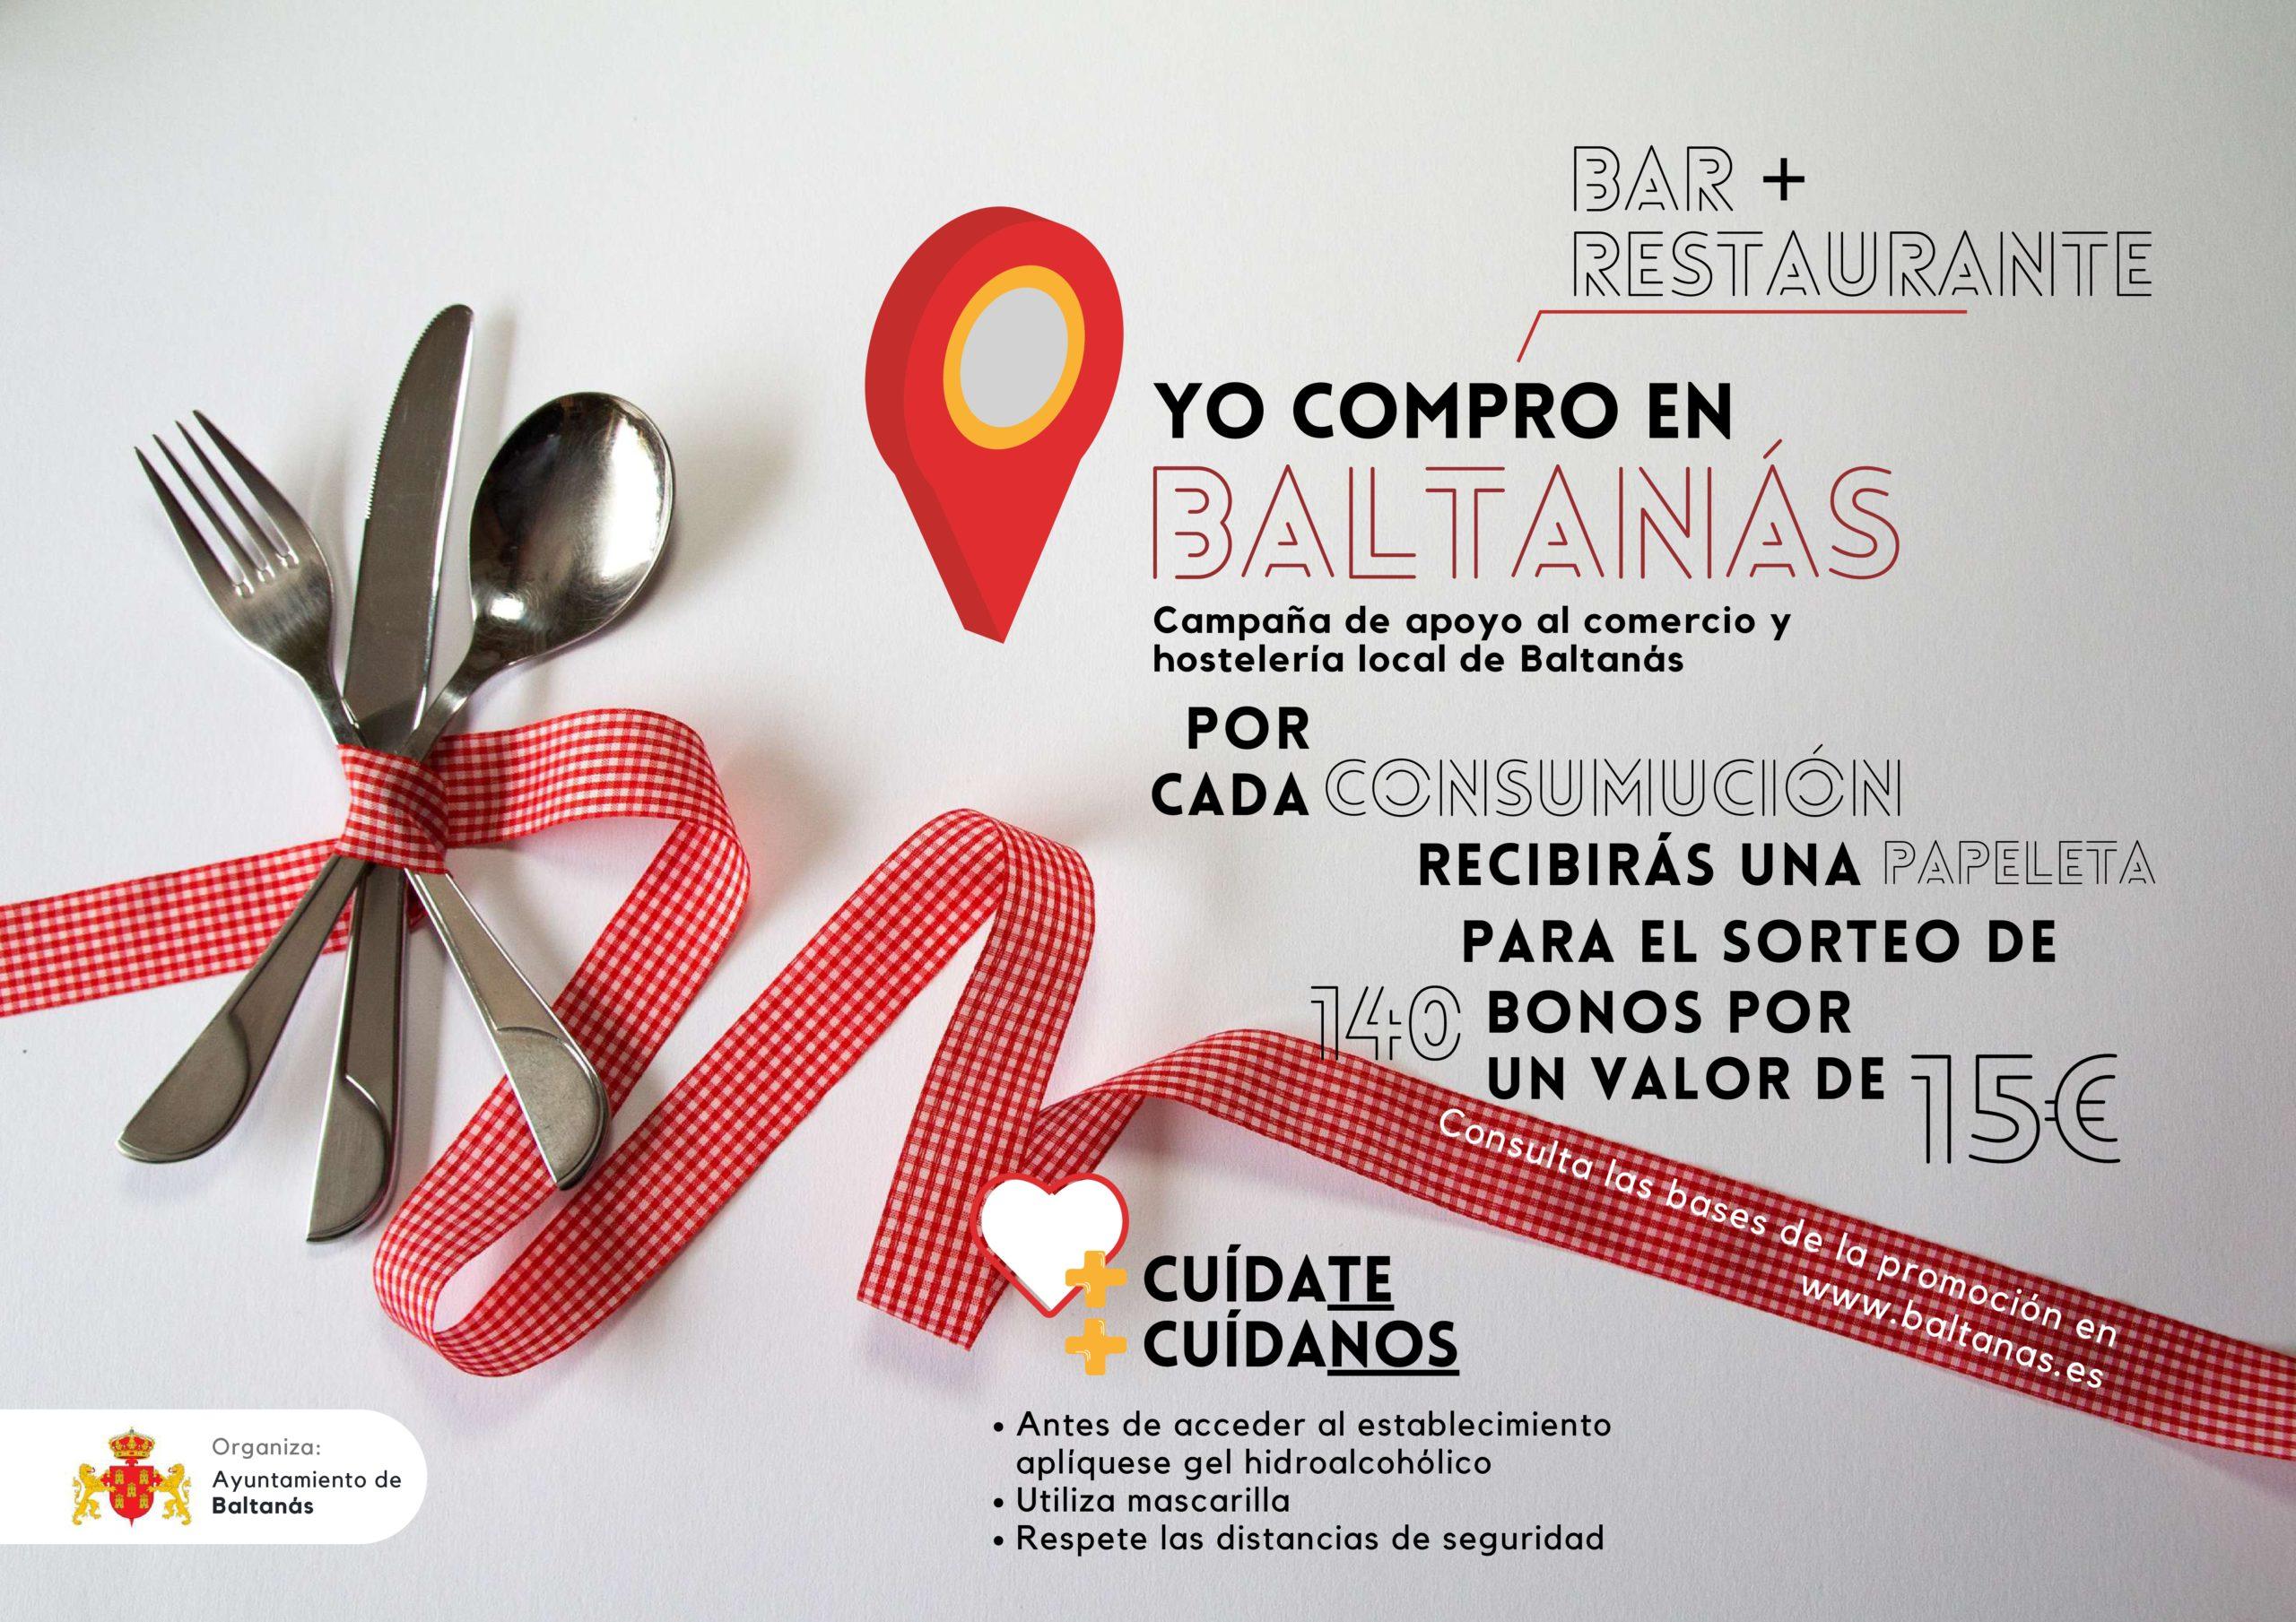 Bases Bares y Restaurantes – YO COMPRO EN BALTANÁS